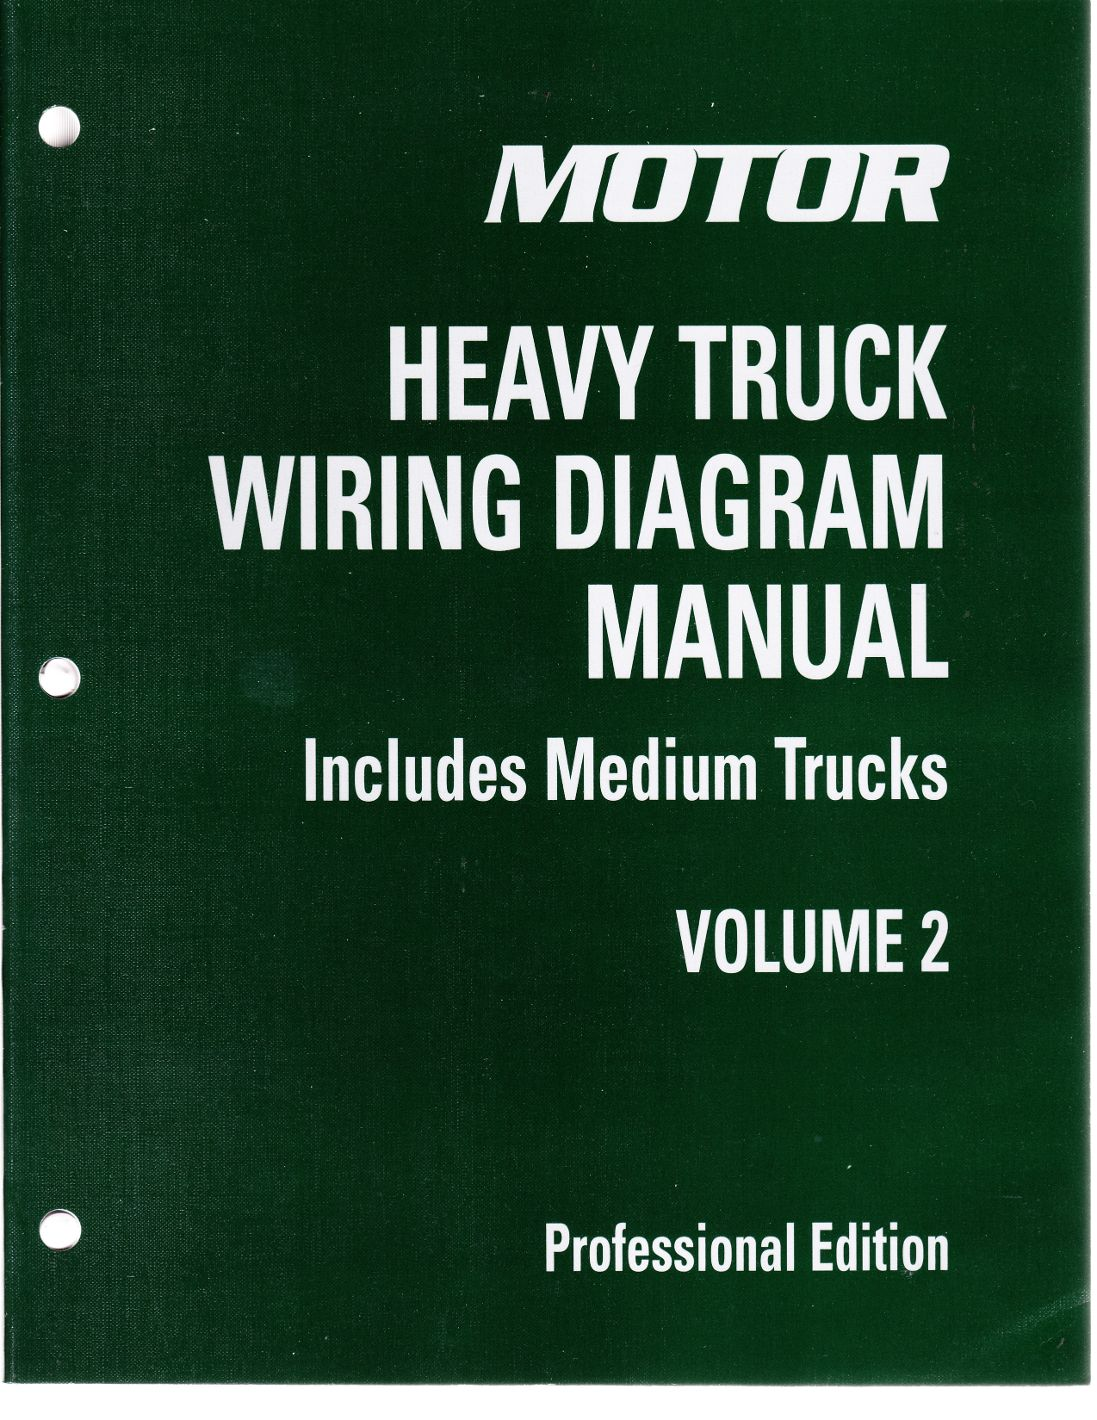 hight resolution of 2009 2013 motor medium heavy truck wiring diagram manual 4th edition vol 2